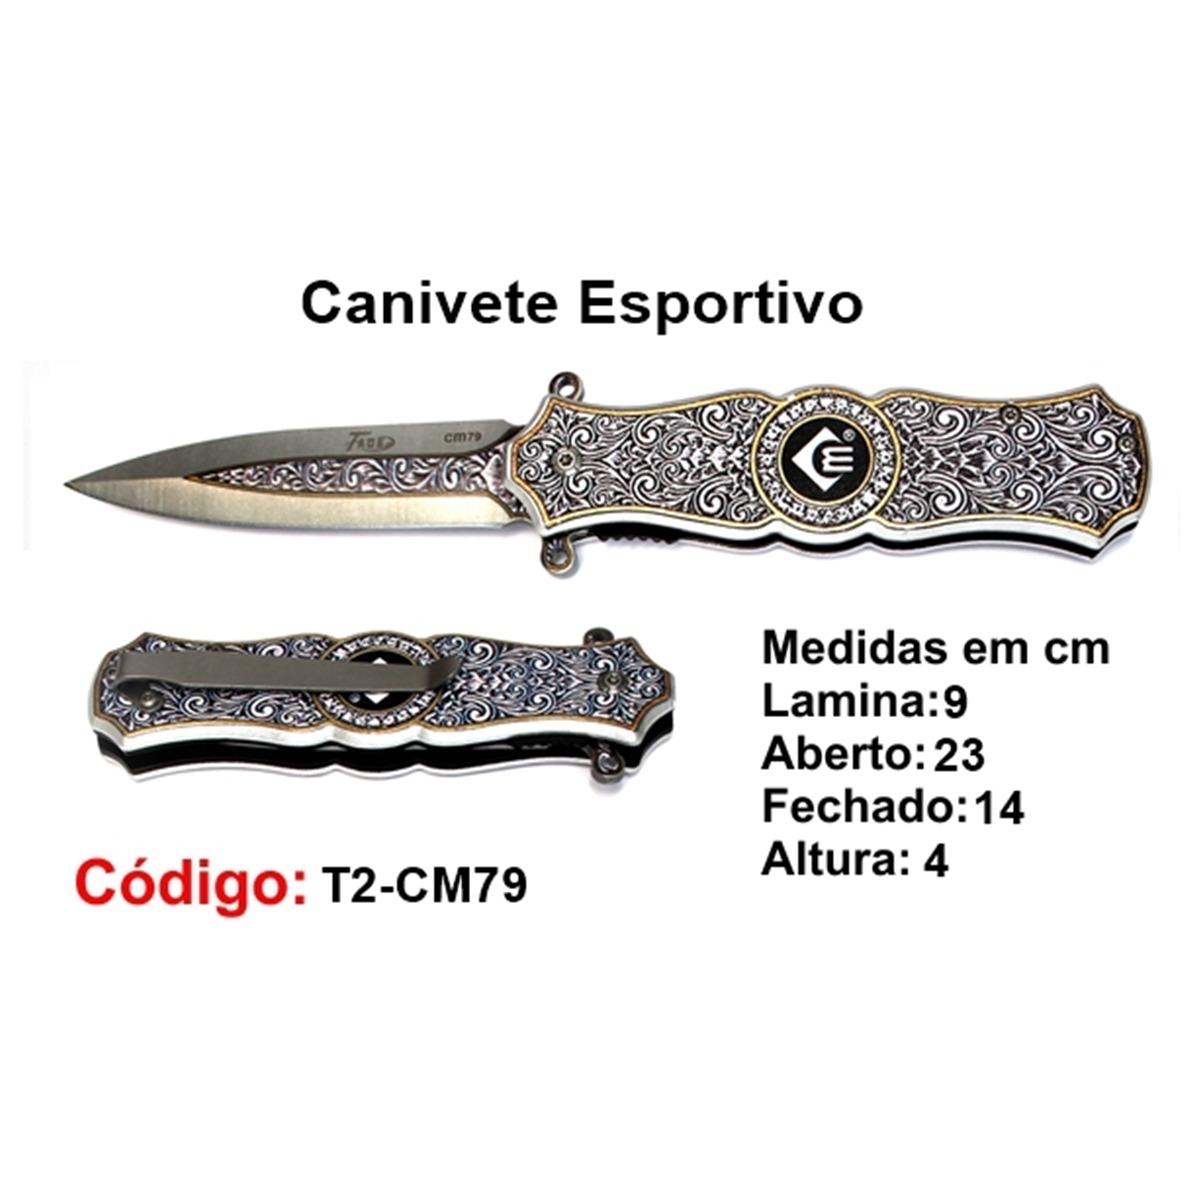 Canivete Esportivo Caça Pesca Etc. T2-CM79